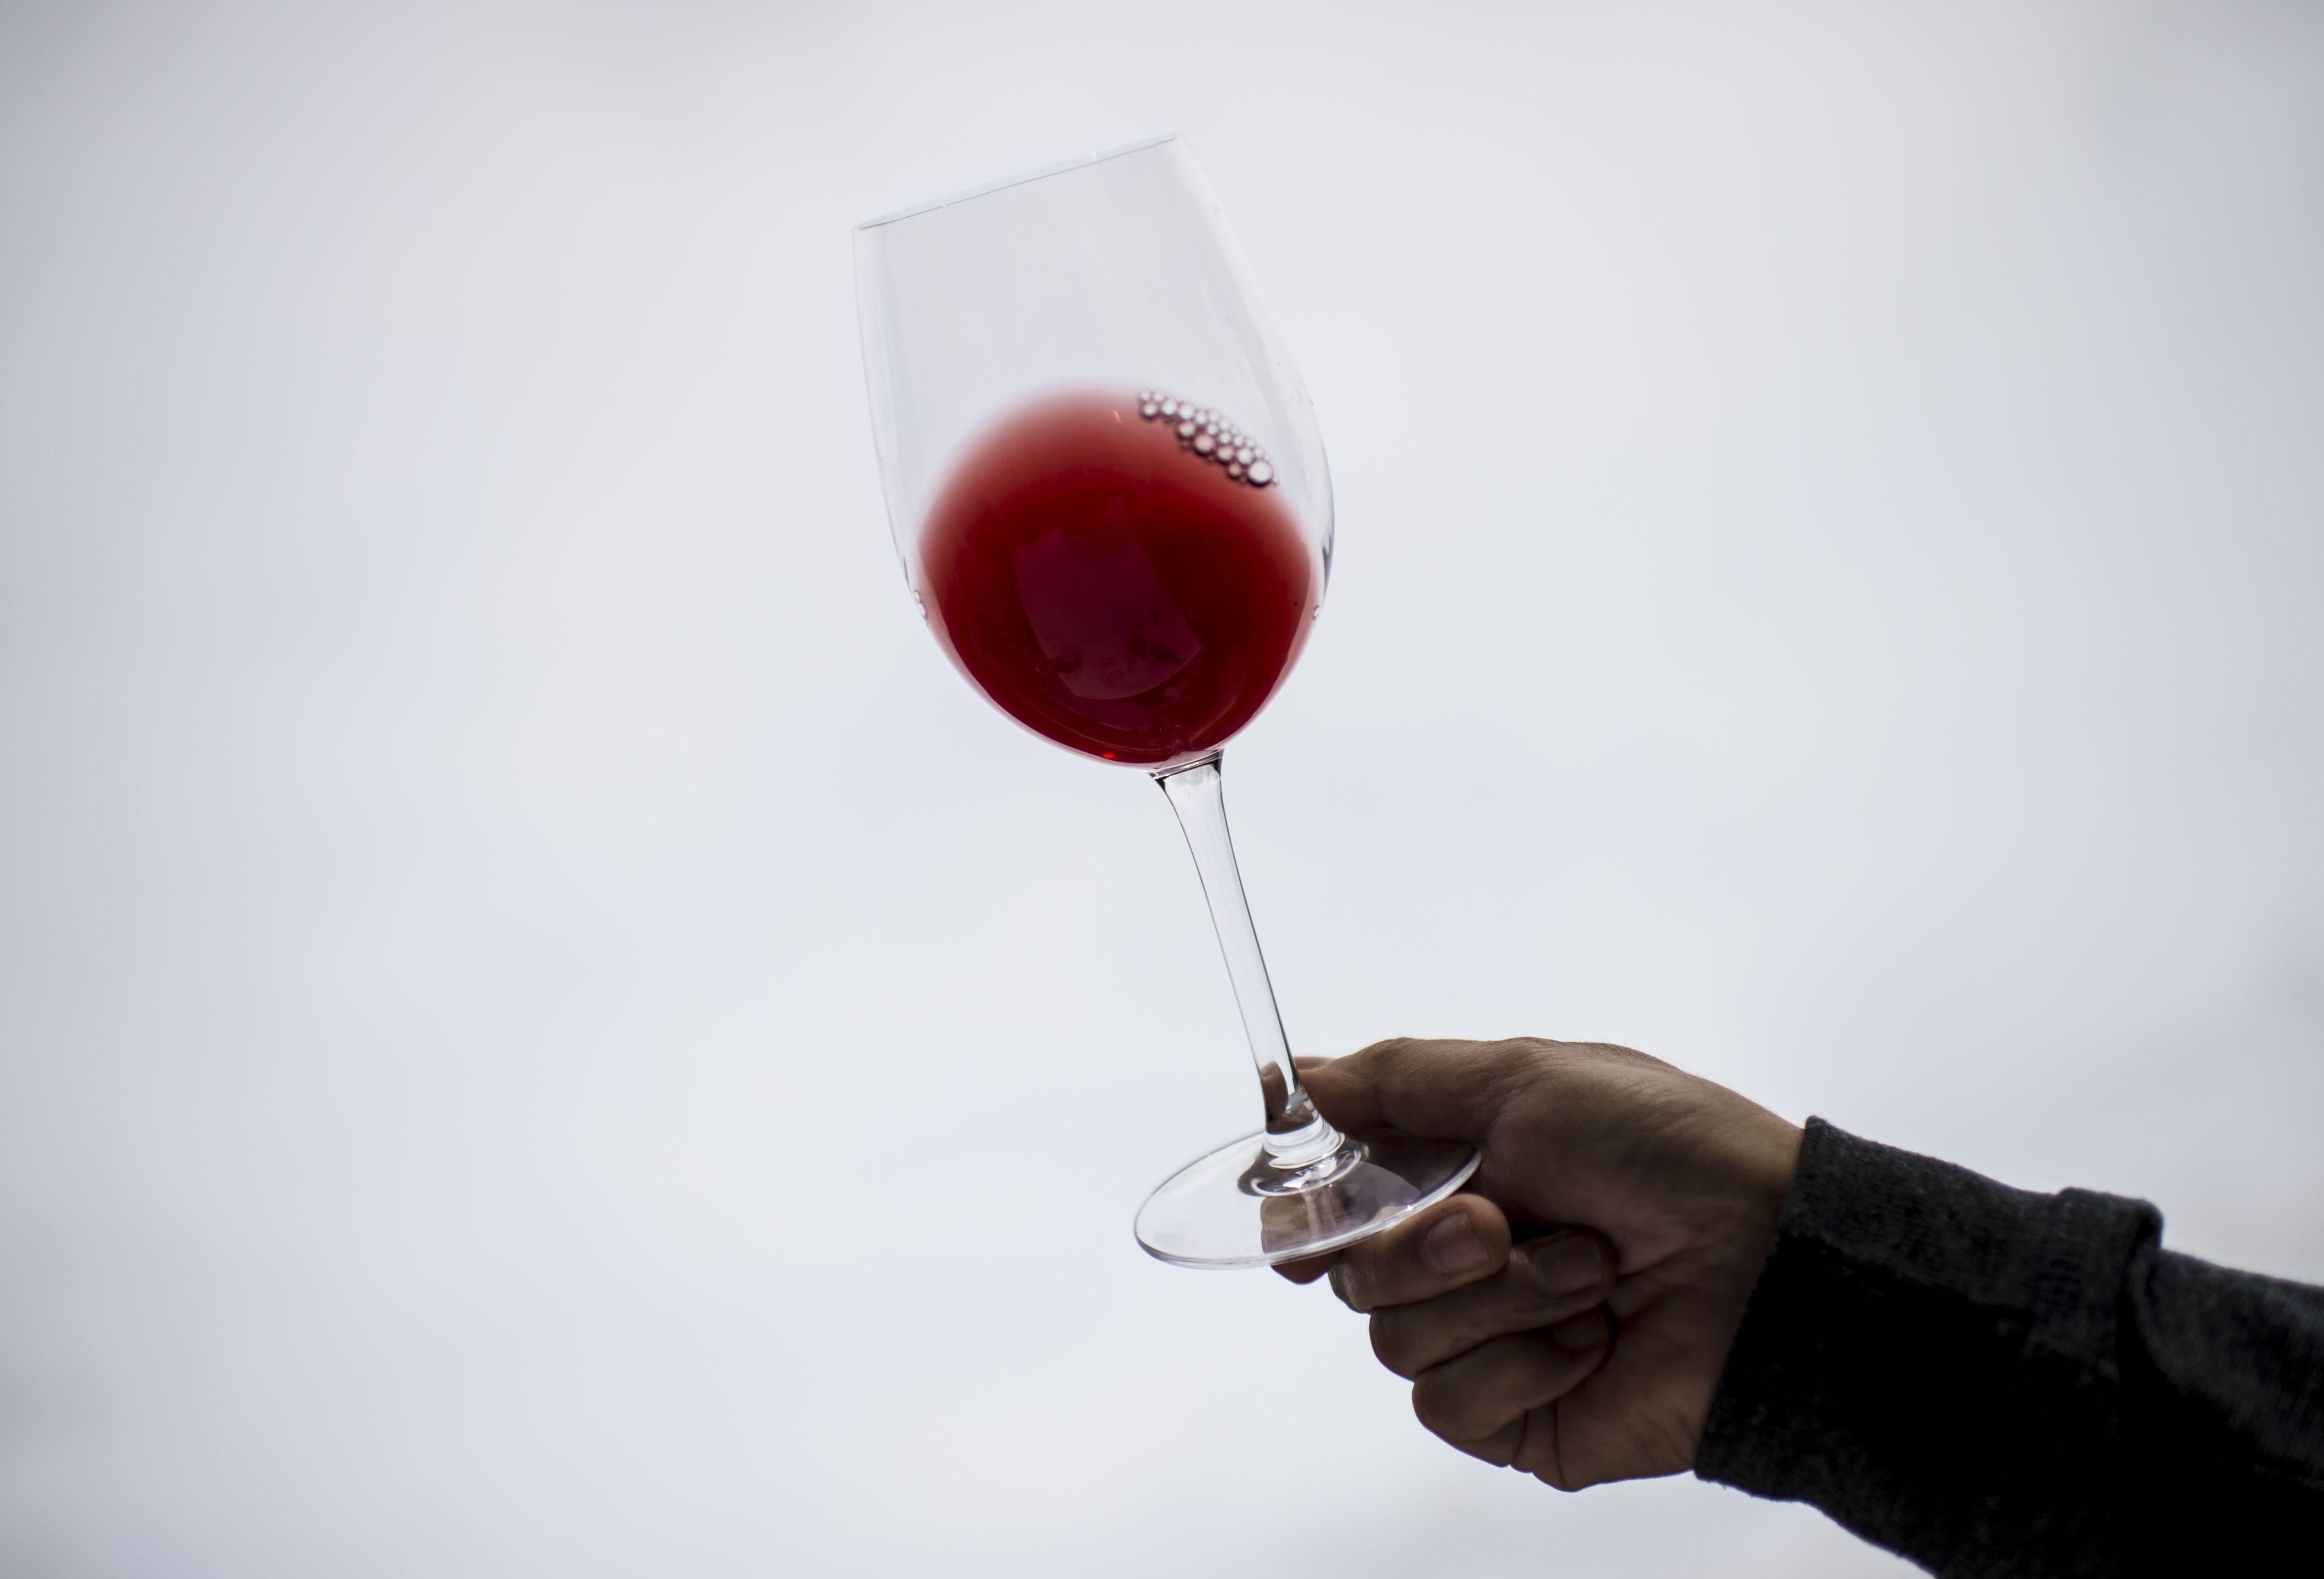 ¿Cómo elegir la copa ideal para cada tipo de vino?